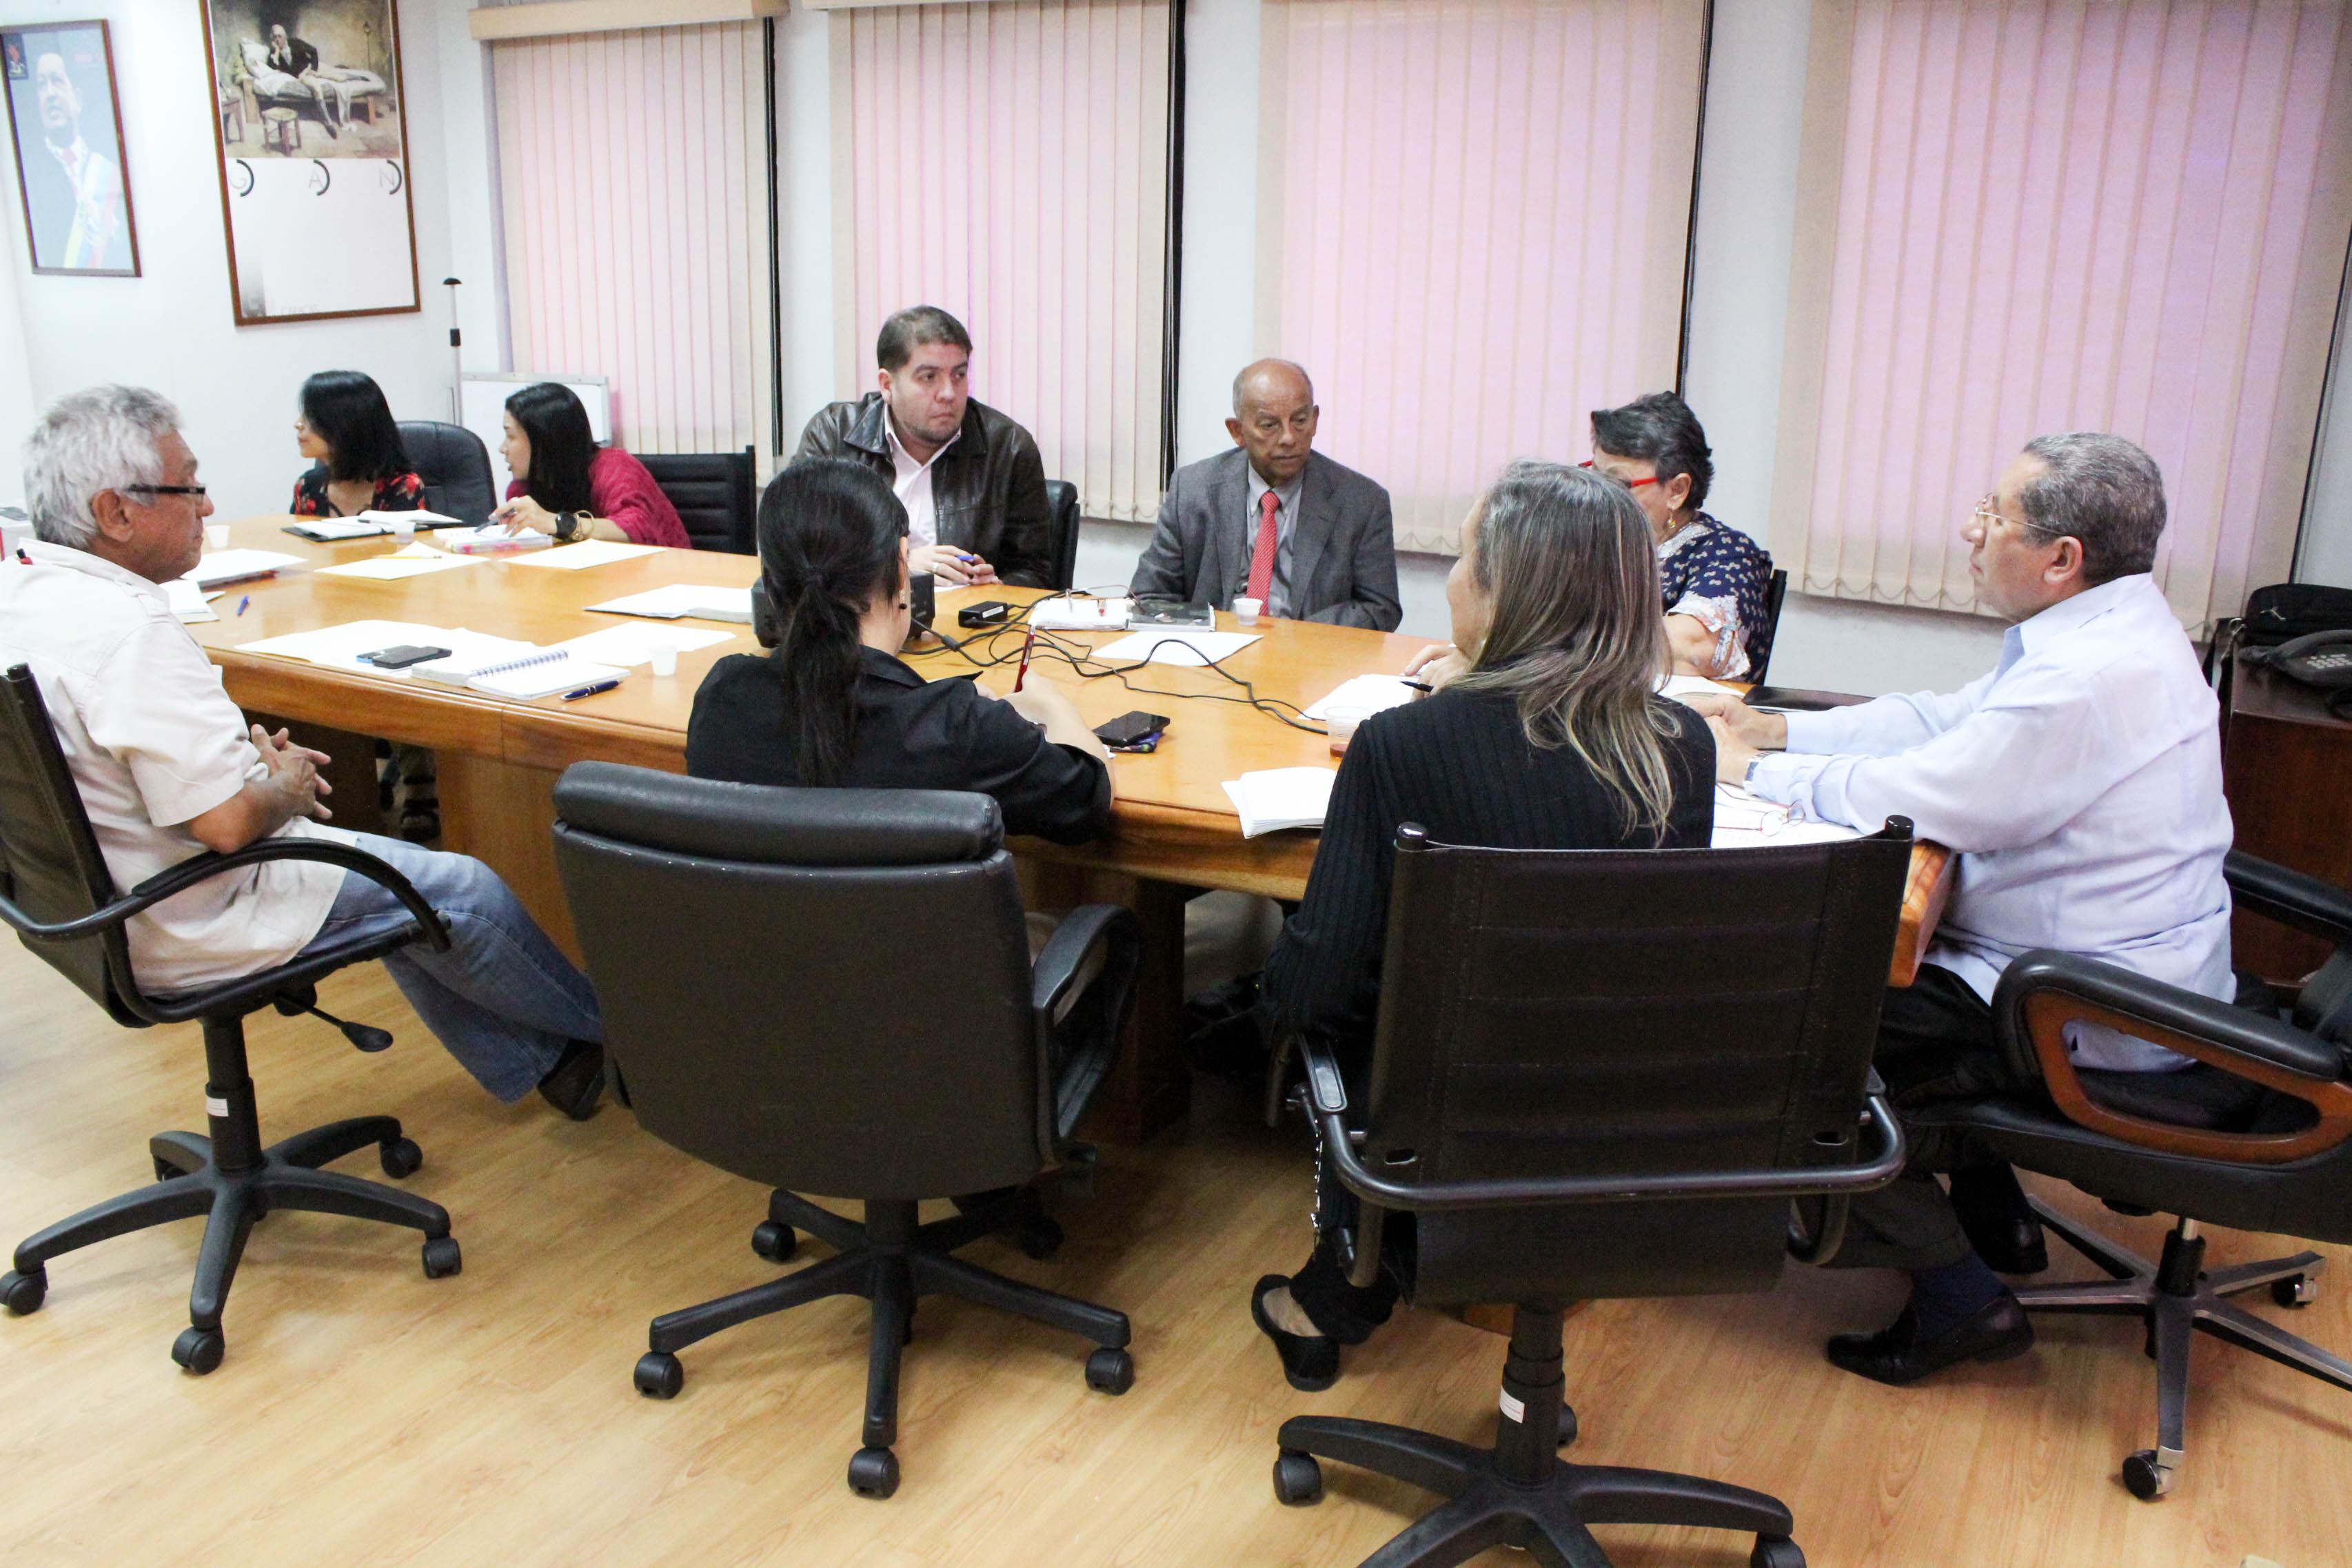 La TSS en asociación con la ENAHP establece el programa del Diplomado en Seguridad Social